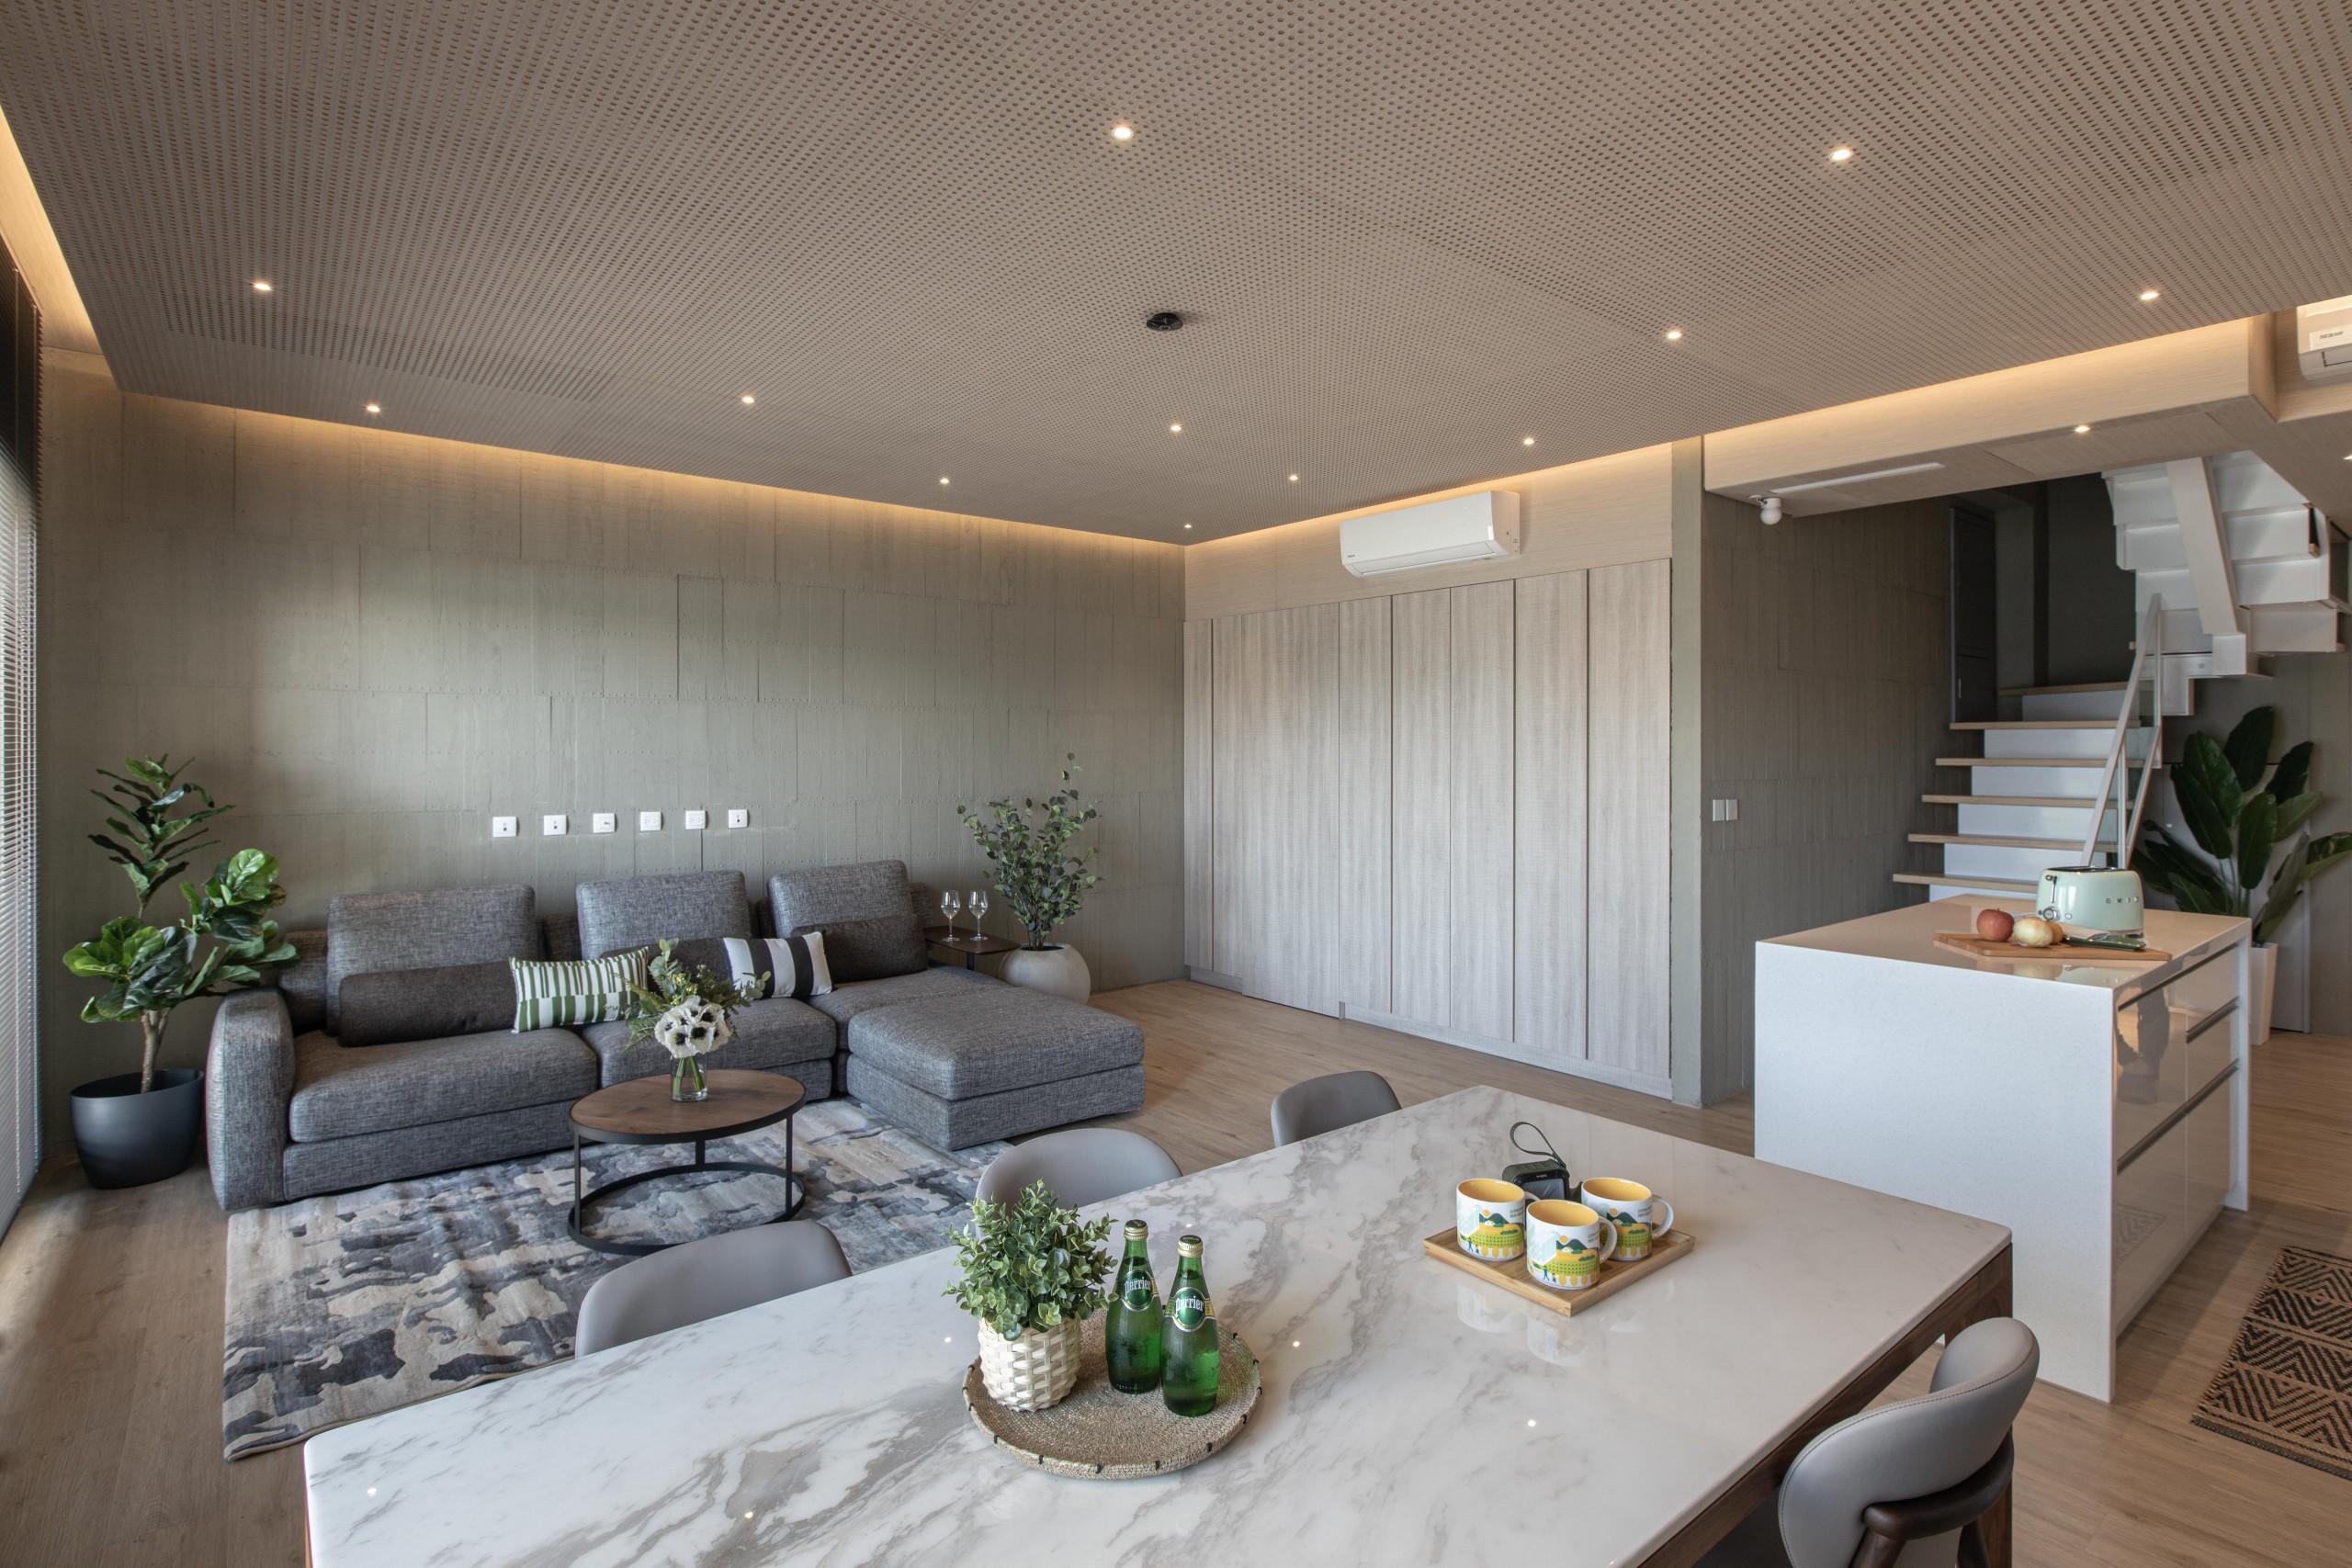 德築-DEZU-project-Zutian-architecture-real-estate-interior-renovation-61